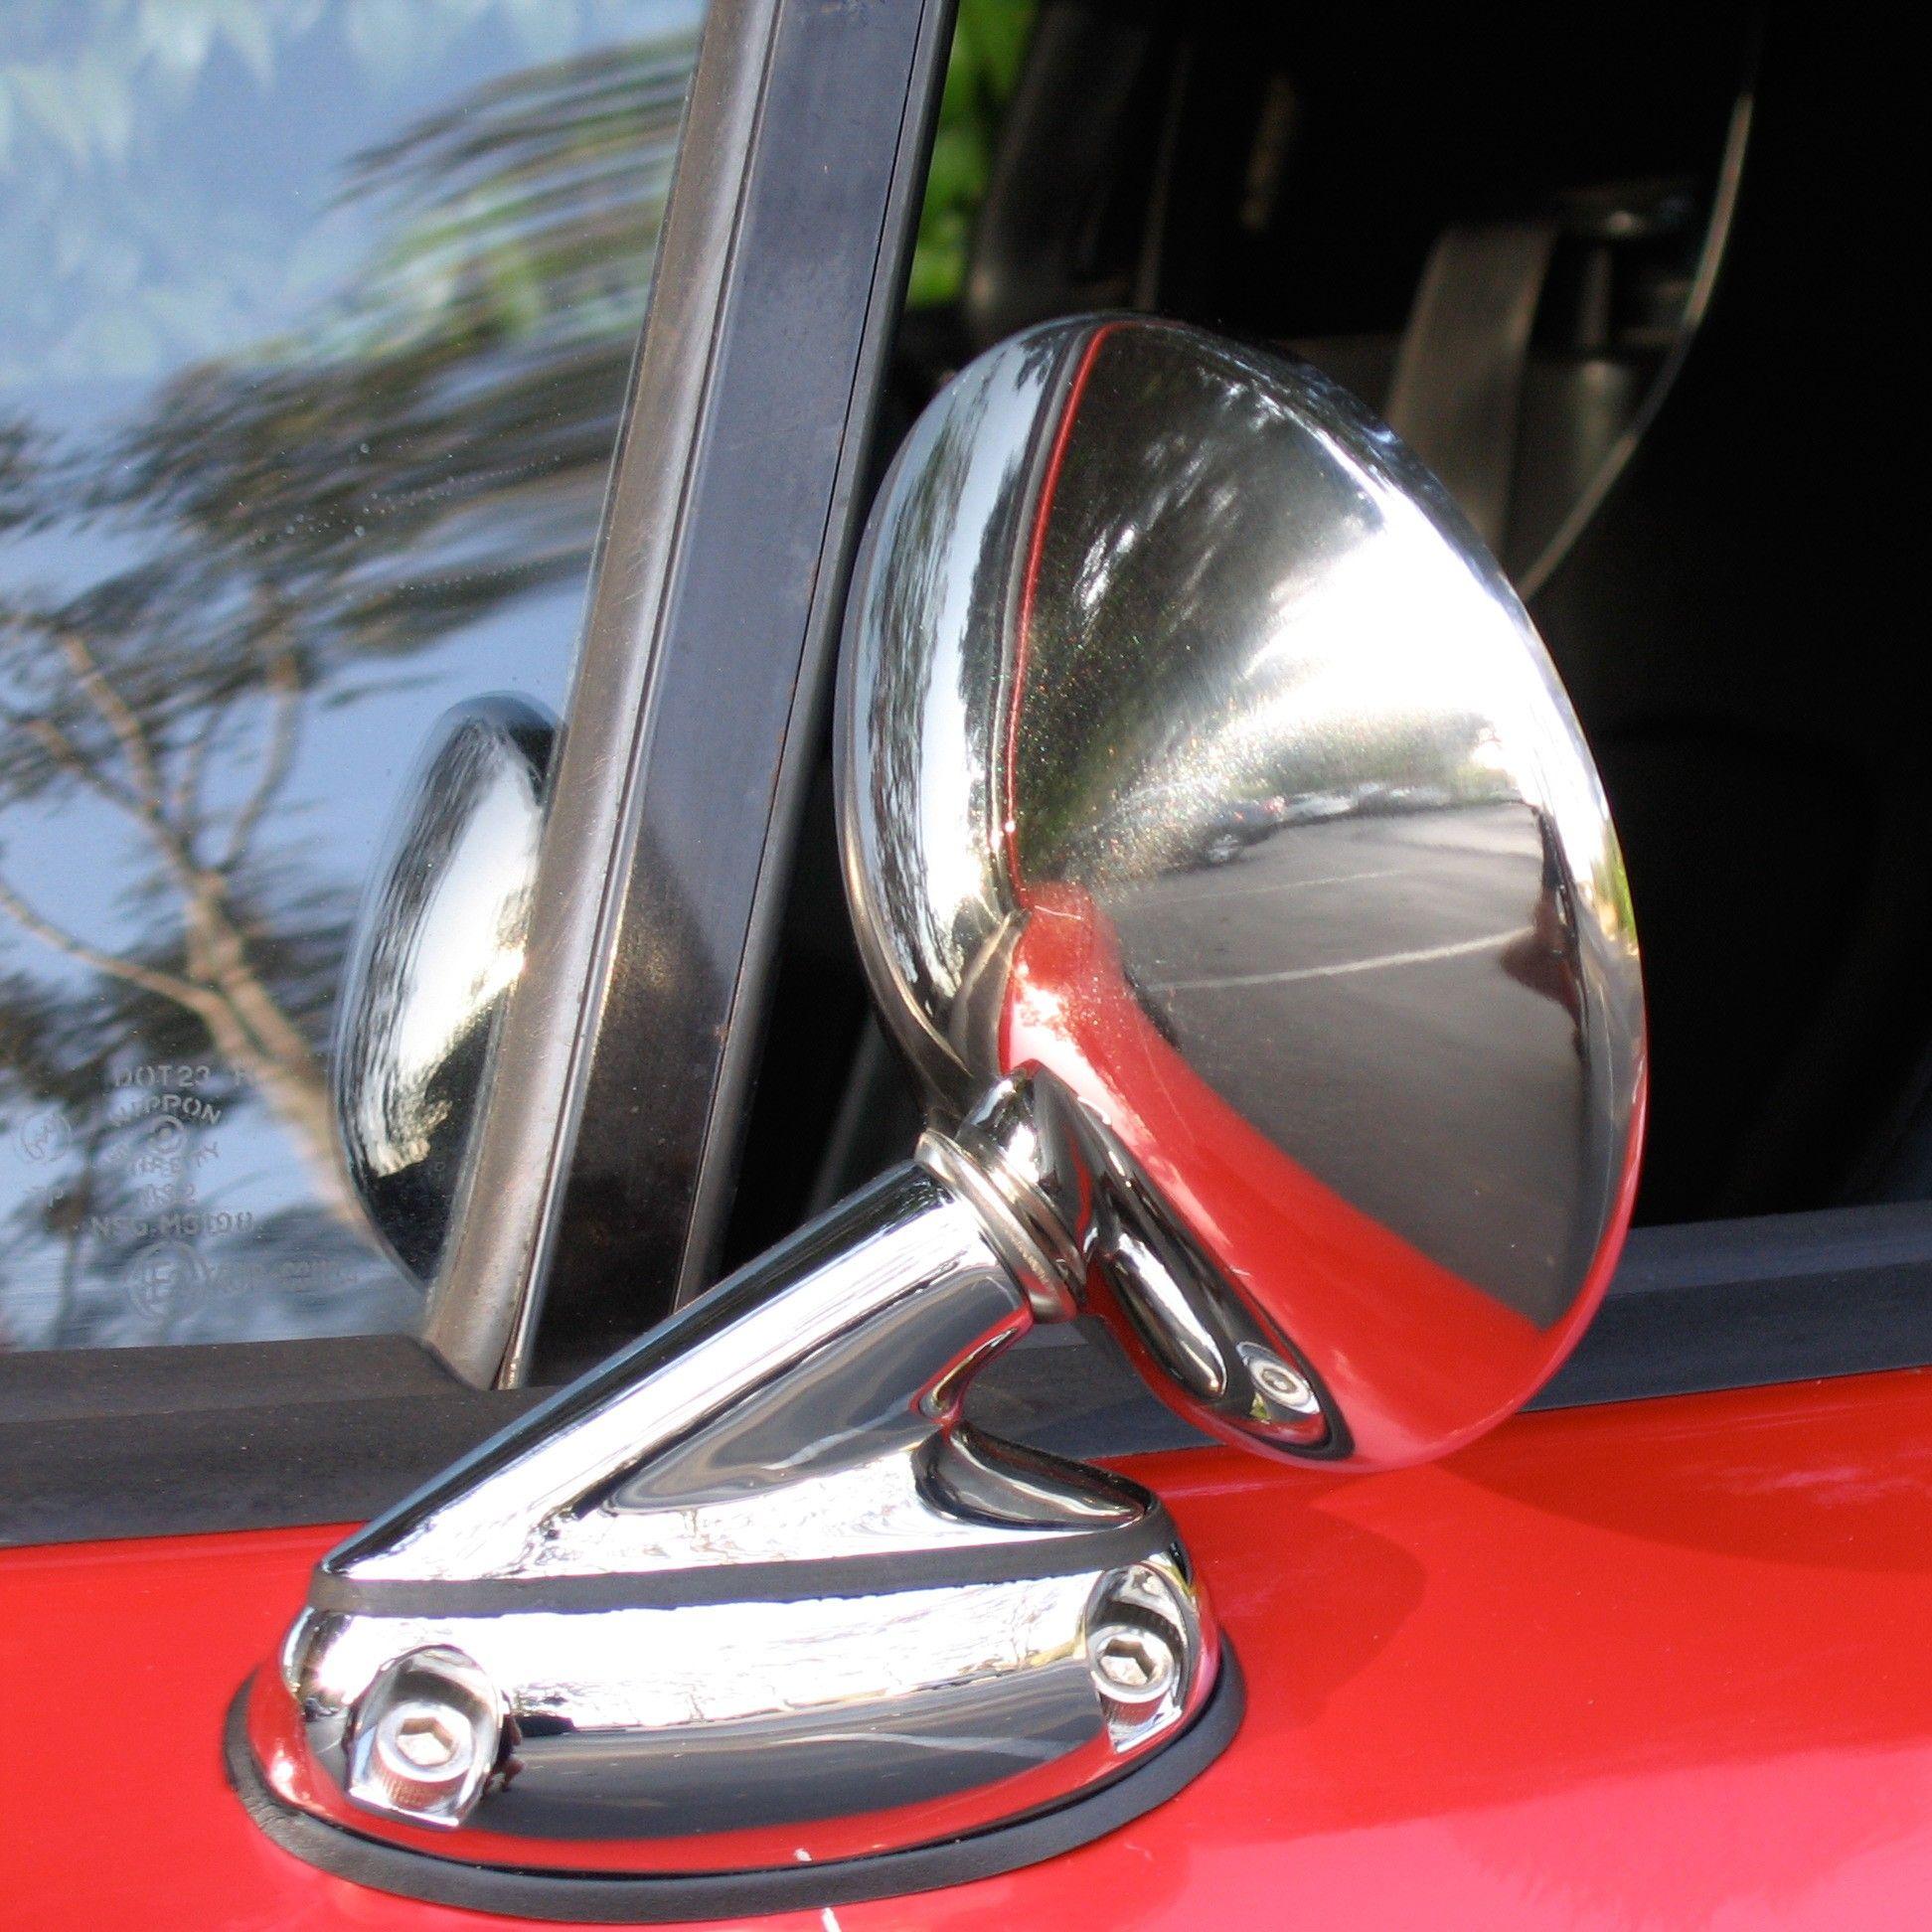 Runabout S800 Mirrors For Mazda Miata Mx 5 89 97 Rev9 Miata Mazda Miata Mx5 Mk1